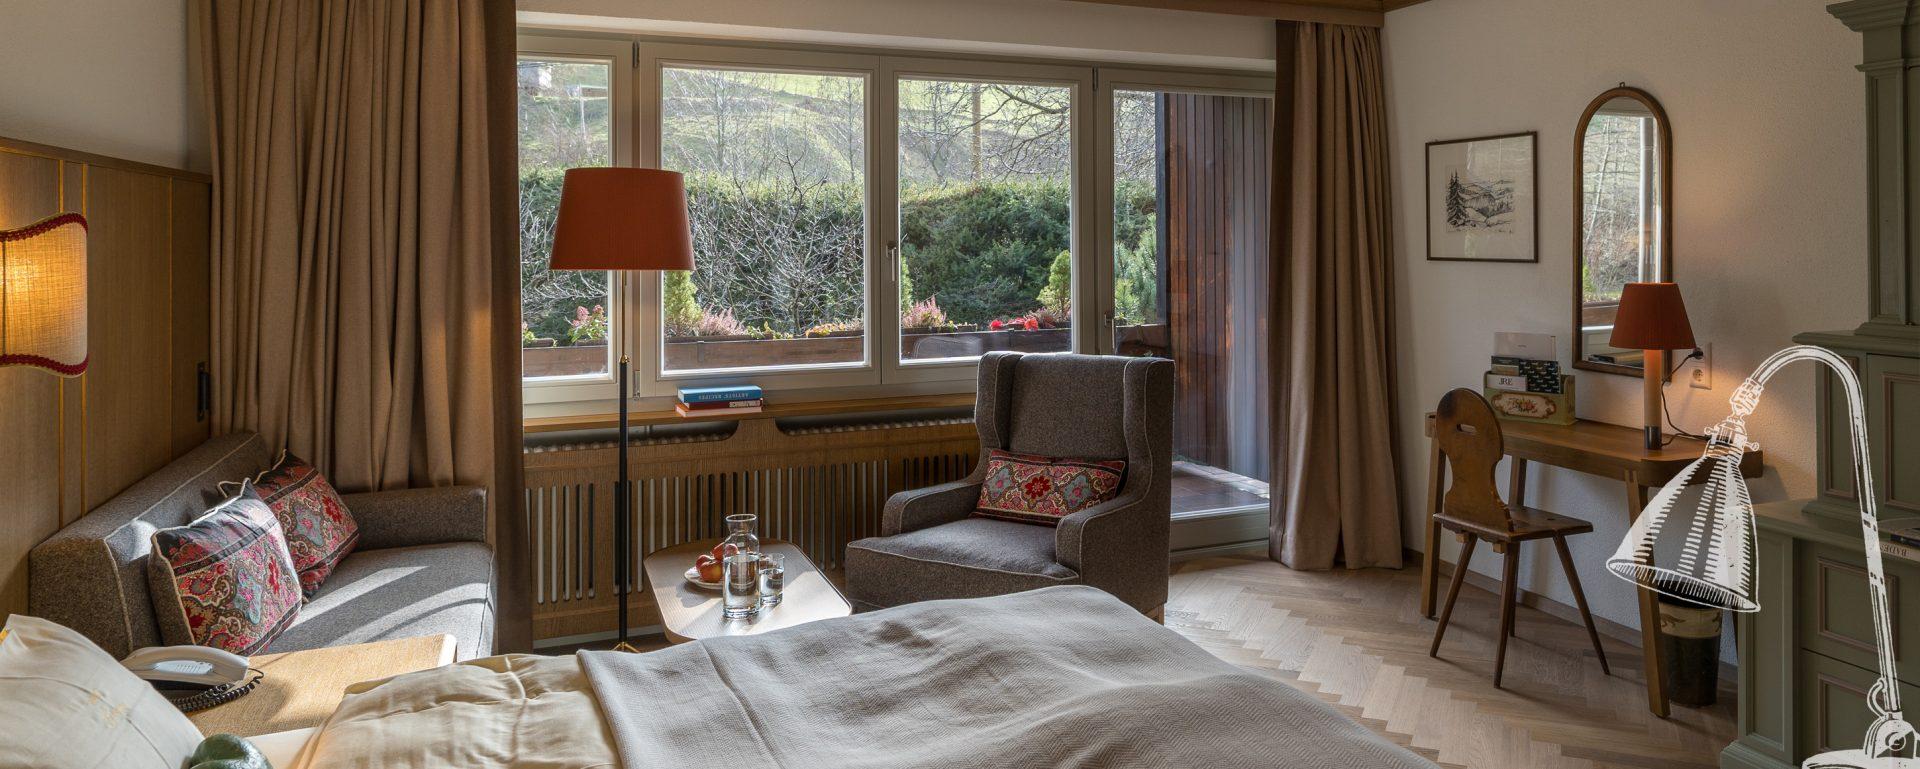 Romantik Hotel Restaurant Spielweg Im Munstertal Schwarzwald